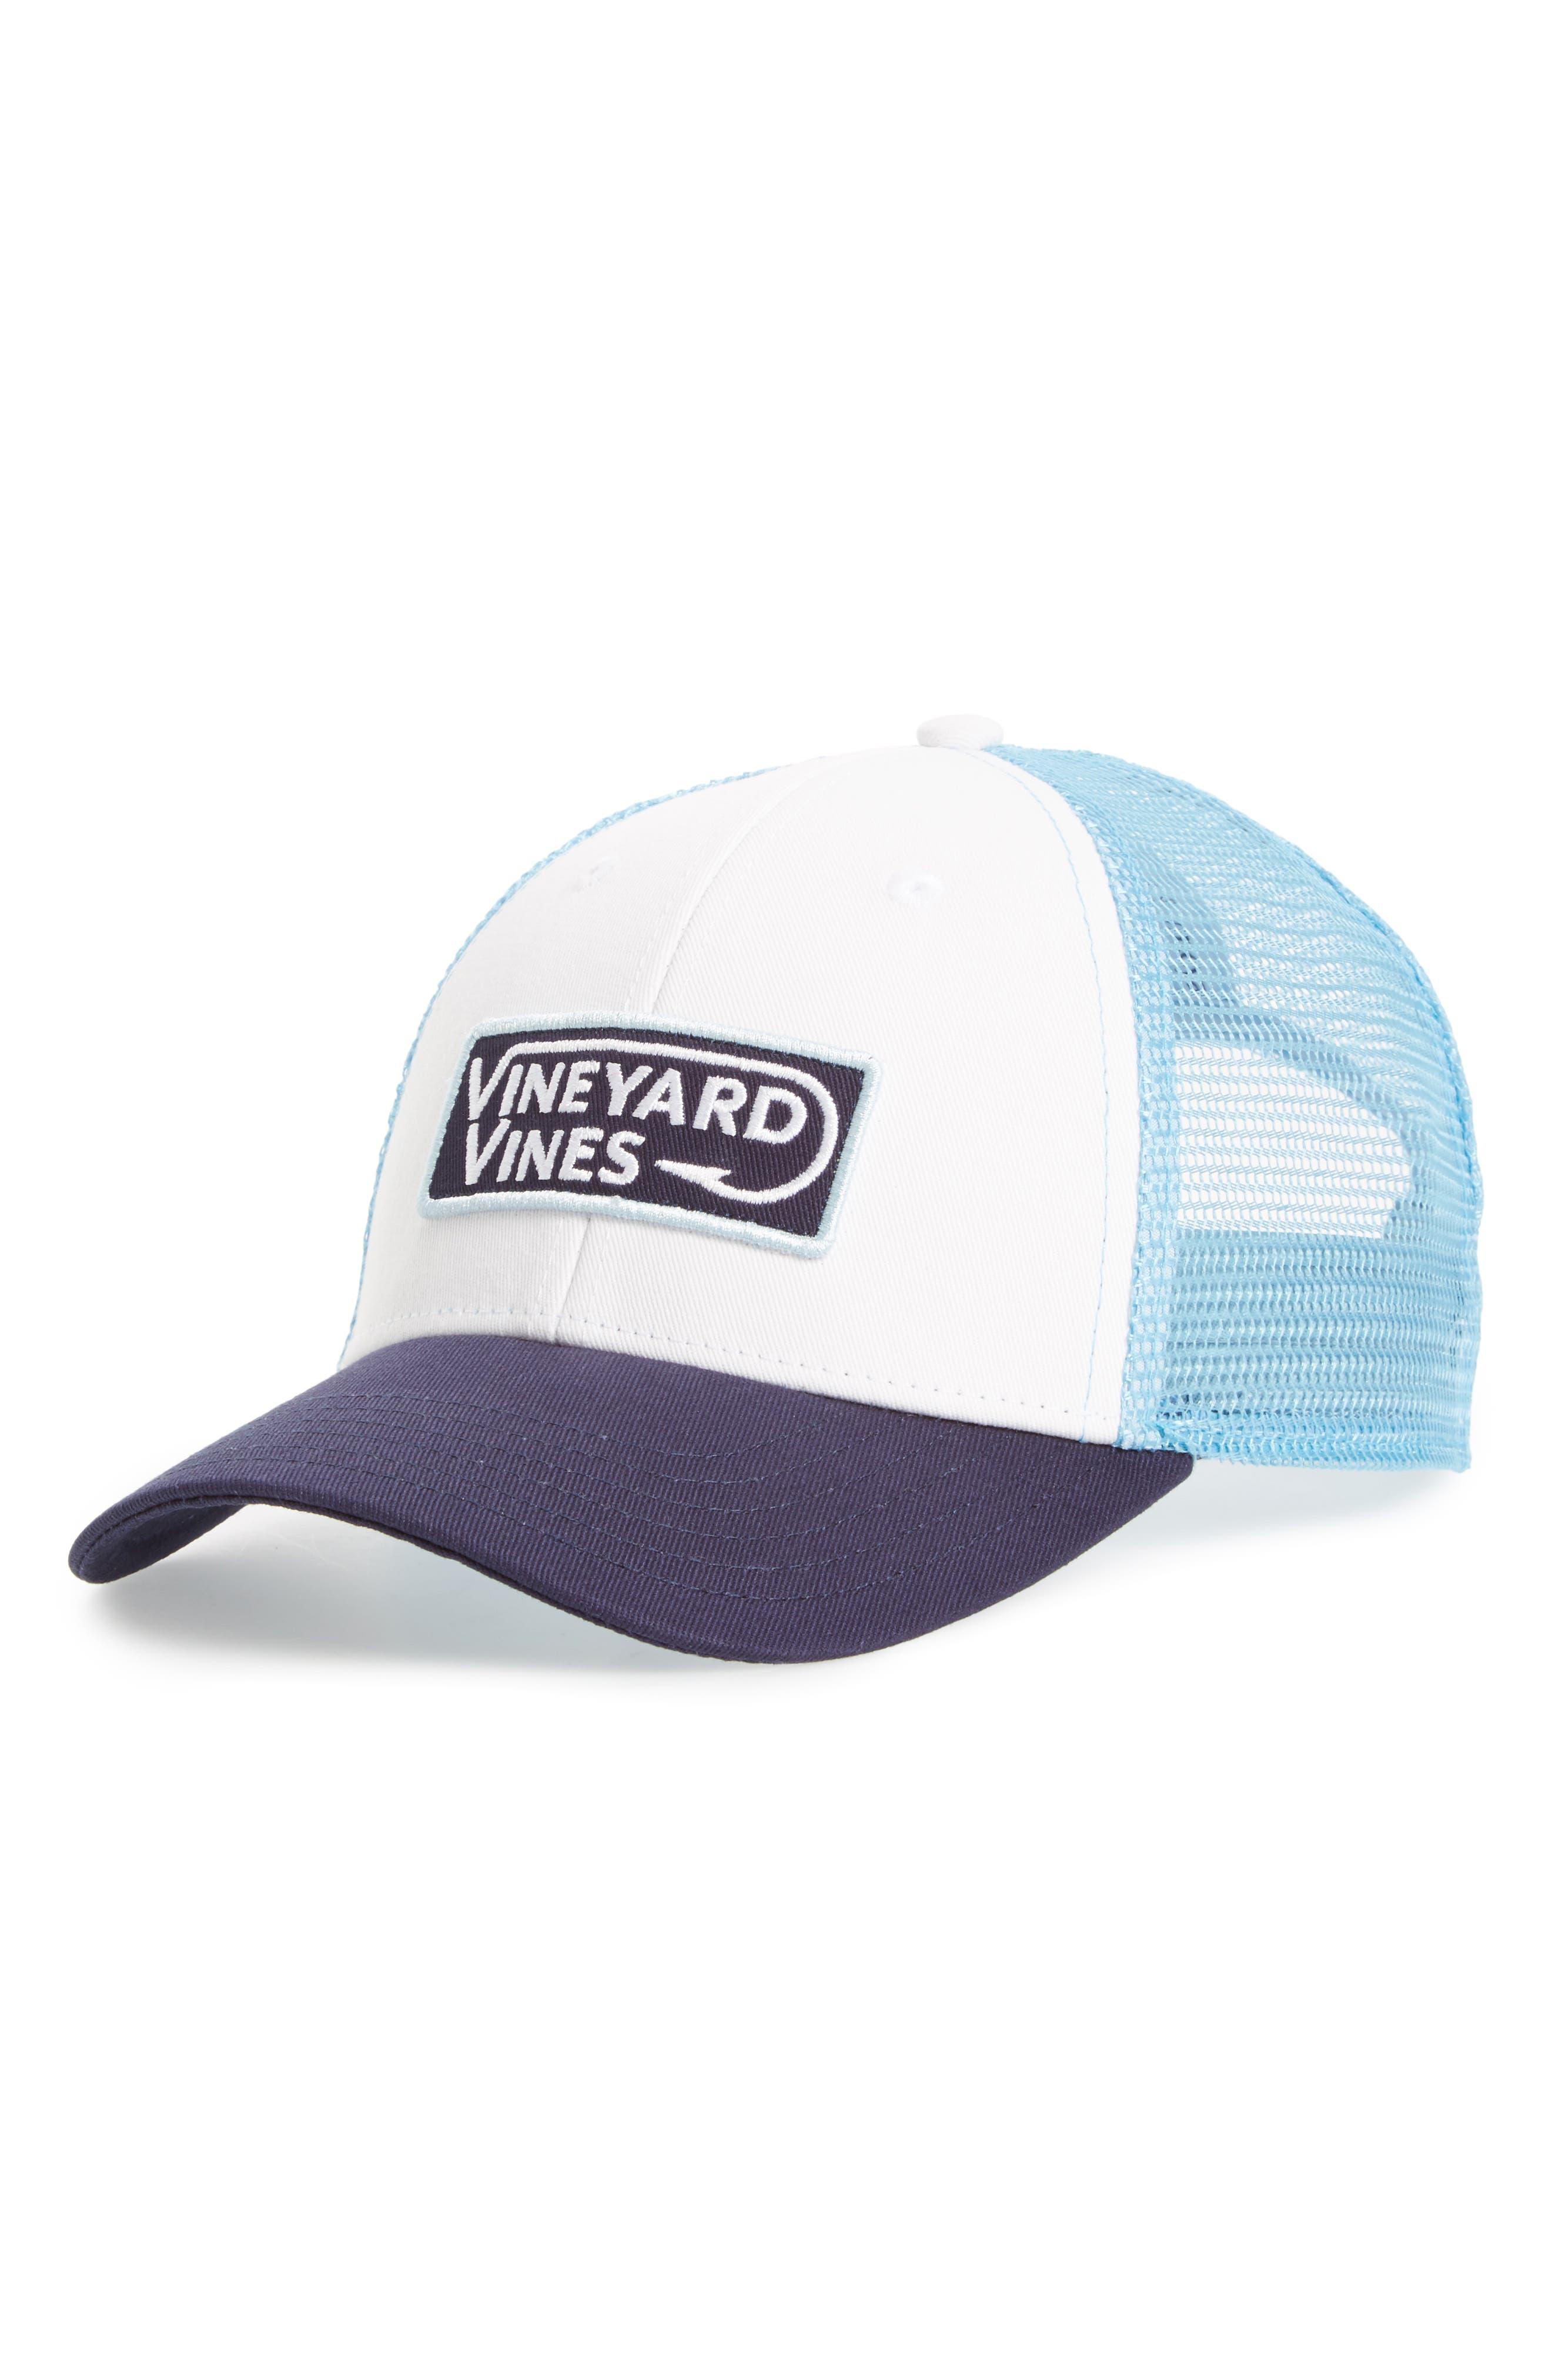 VINEYARD VINES Hook Patch Trucker Cap